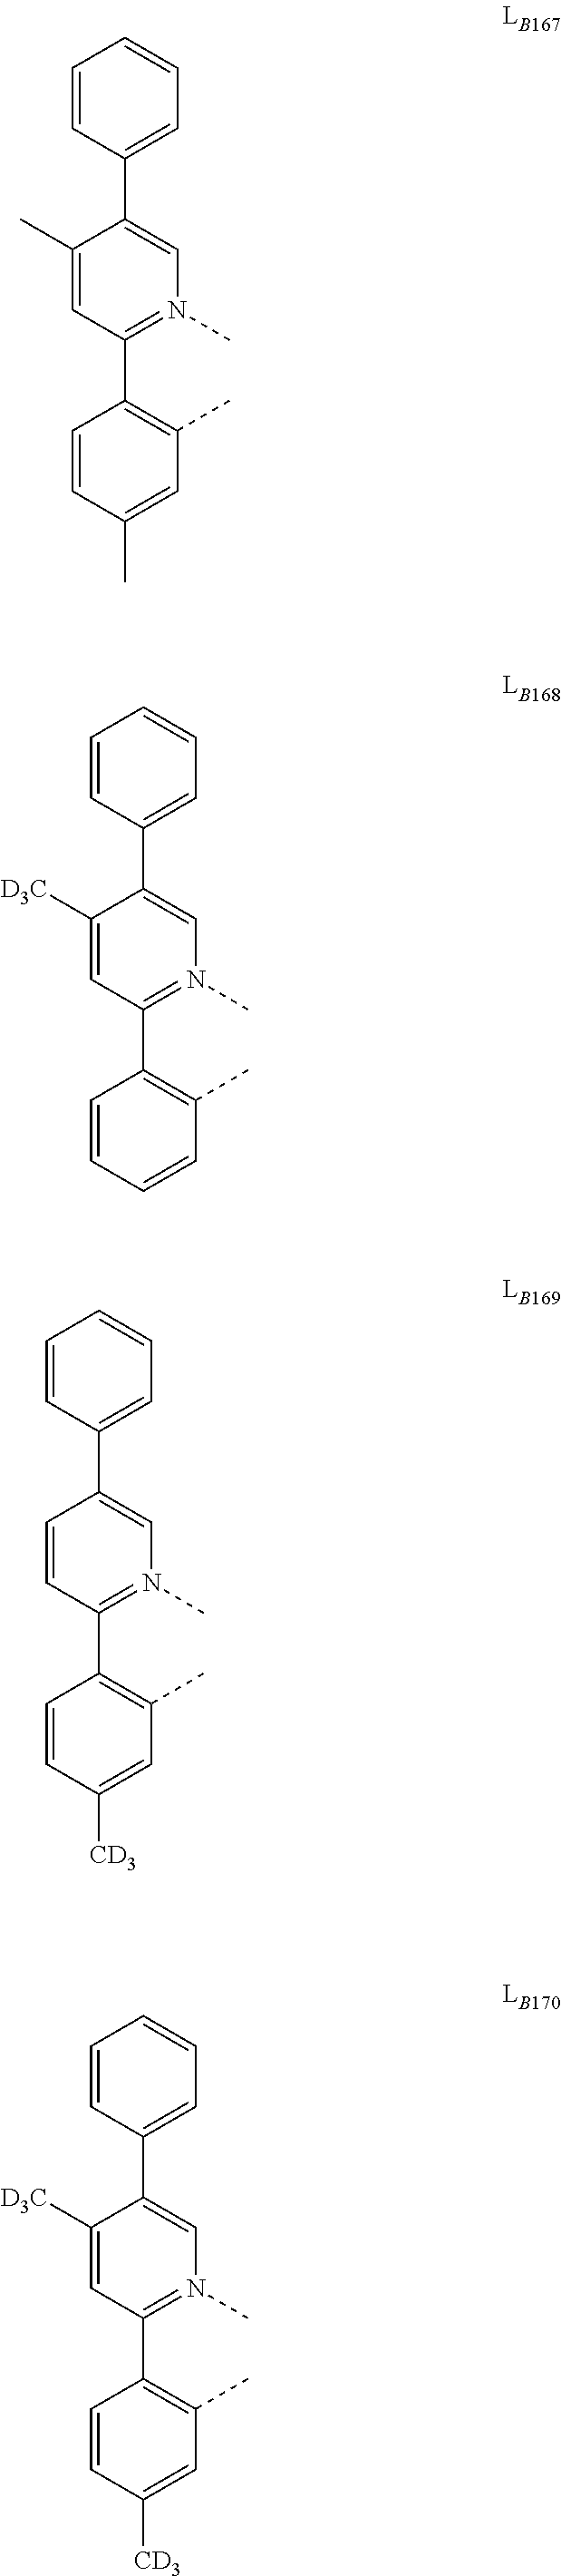 Figure US09929360-20180327-C00073